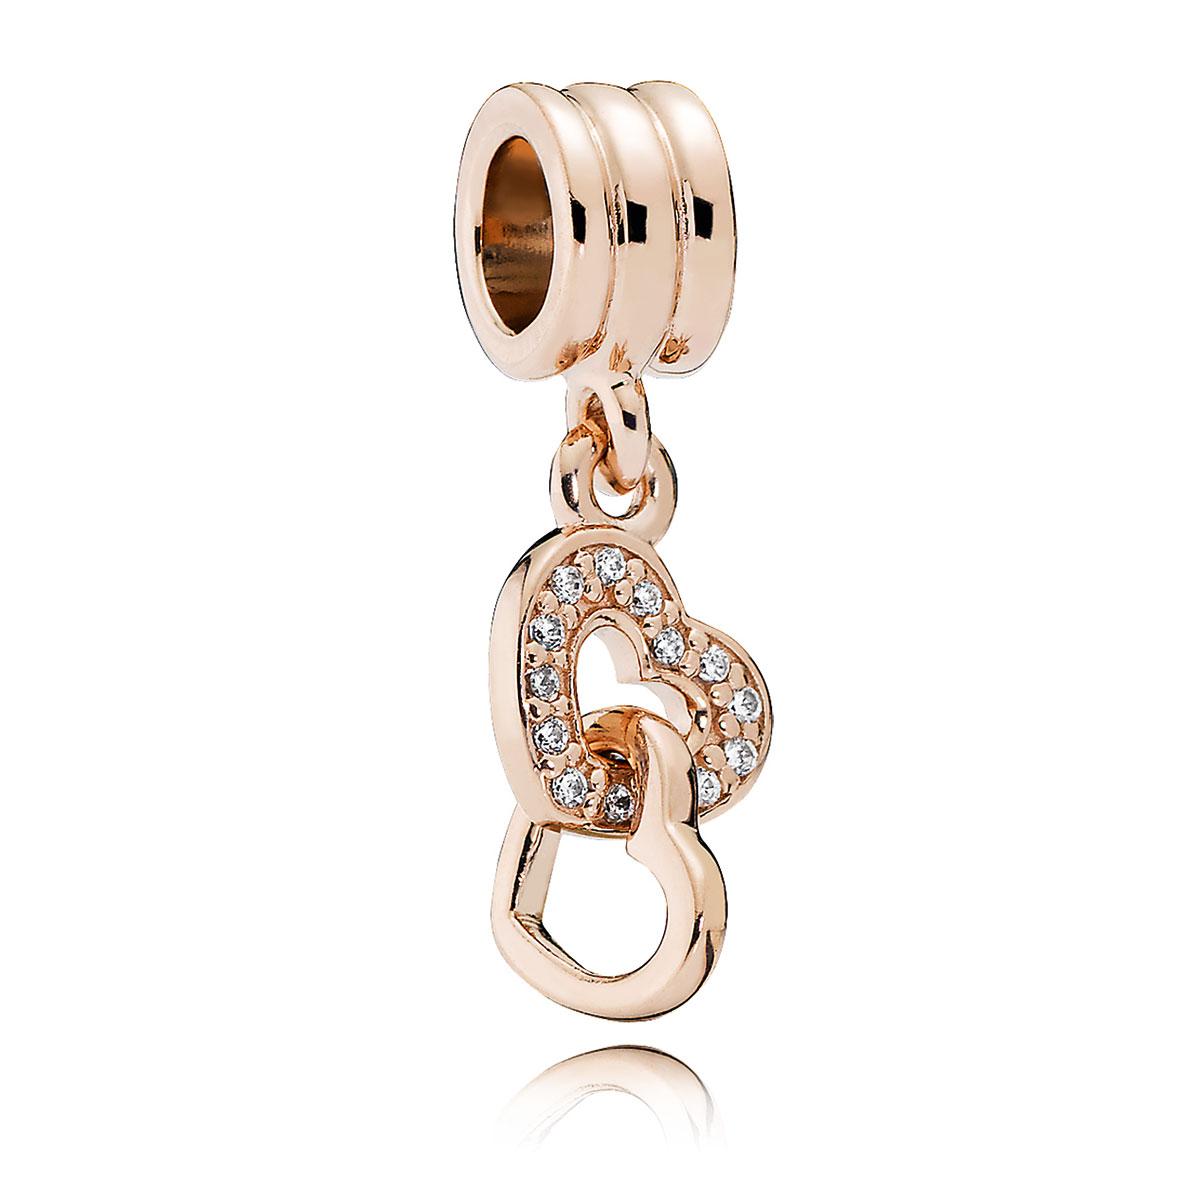 pandora rose gold jewelry pandora bracelet 14k gold. Black Bedroom Furniture Sets. Home Design Ideas